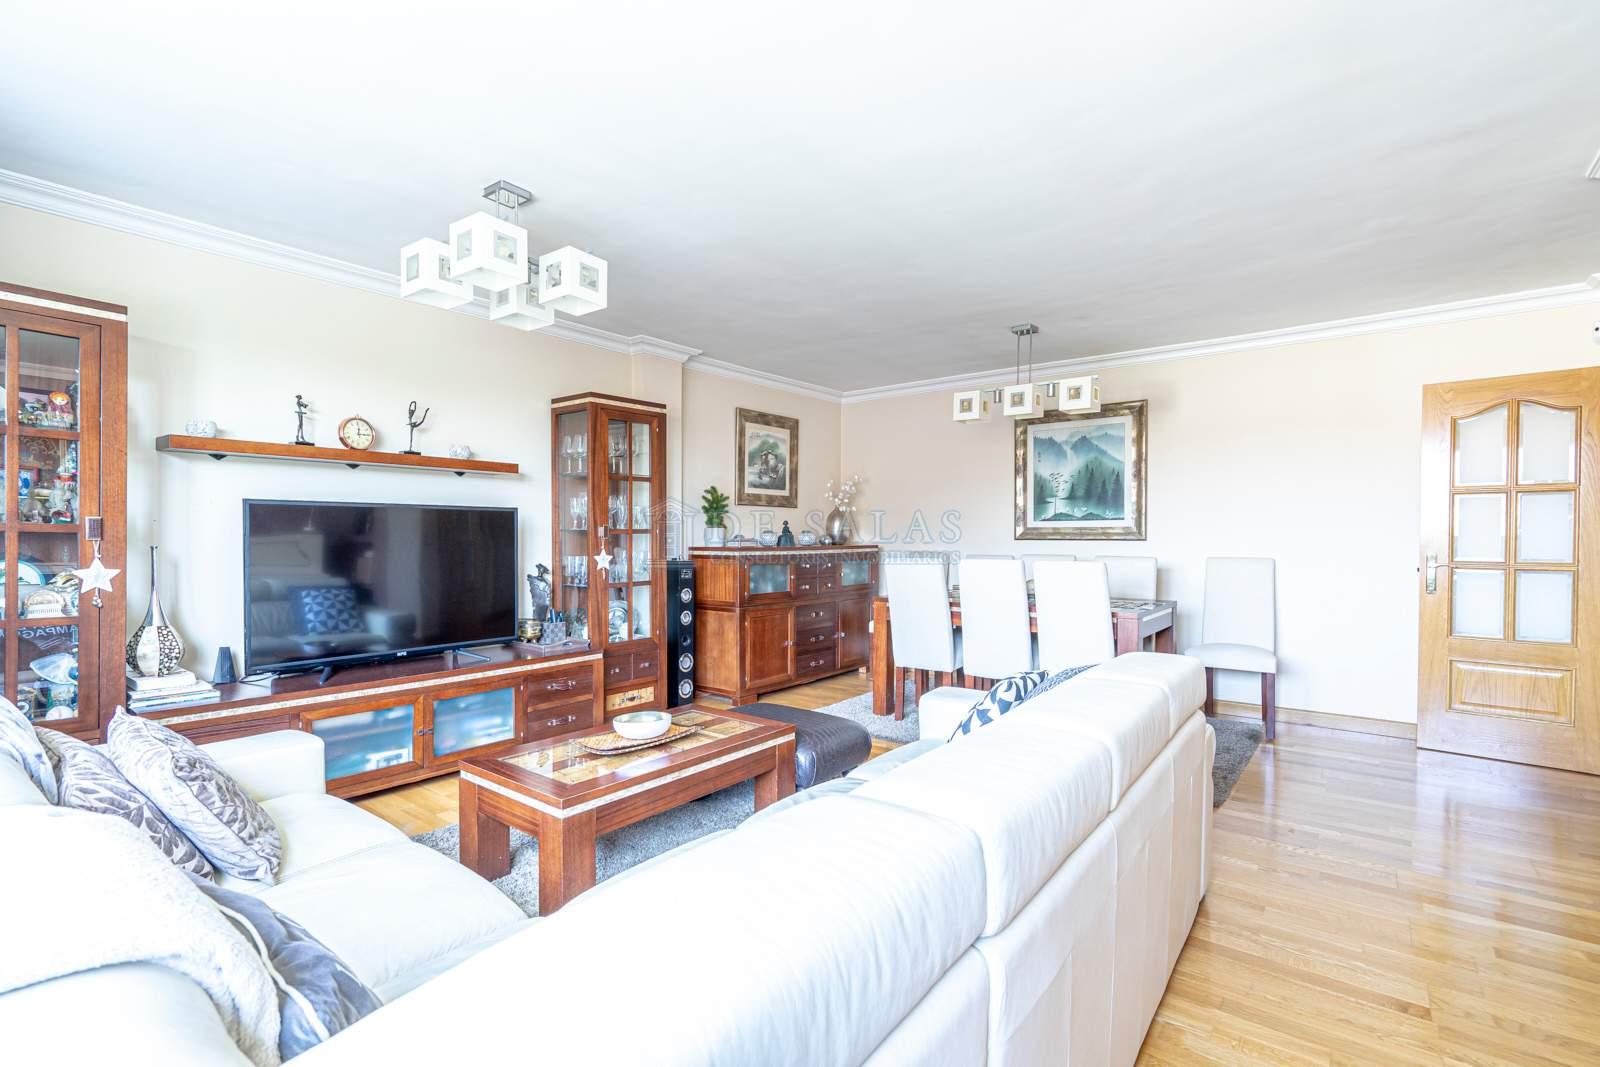 003 Appartement La Piovera